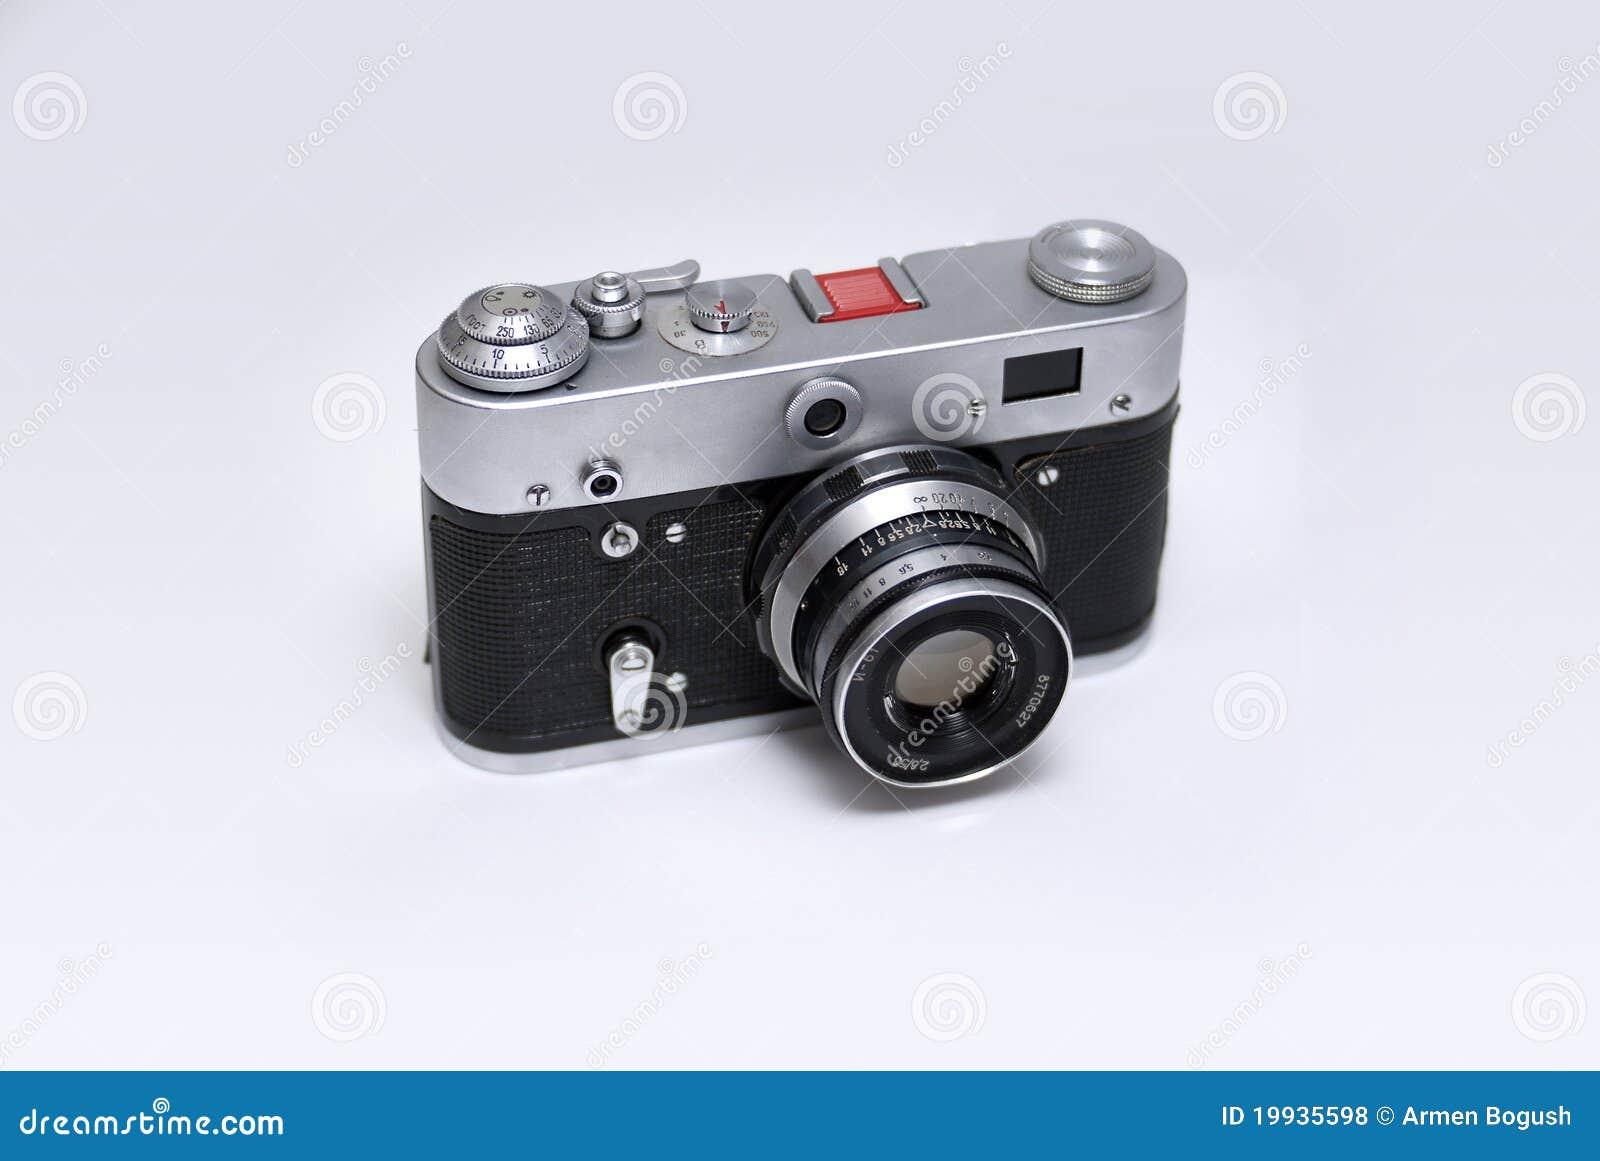 Alte entfernungsmesser russe kamera stockfoto bild von objektiv